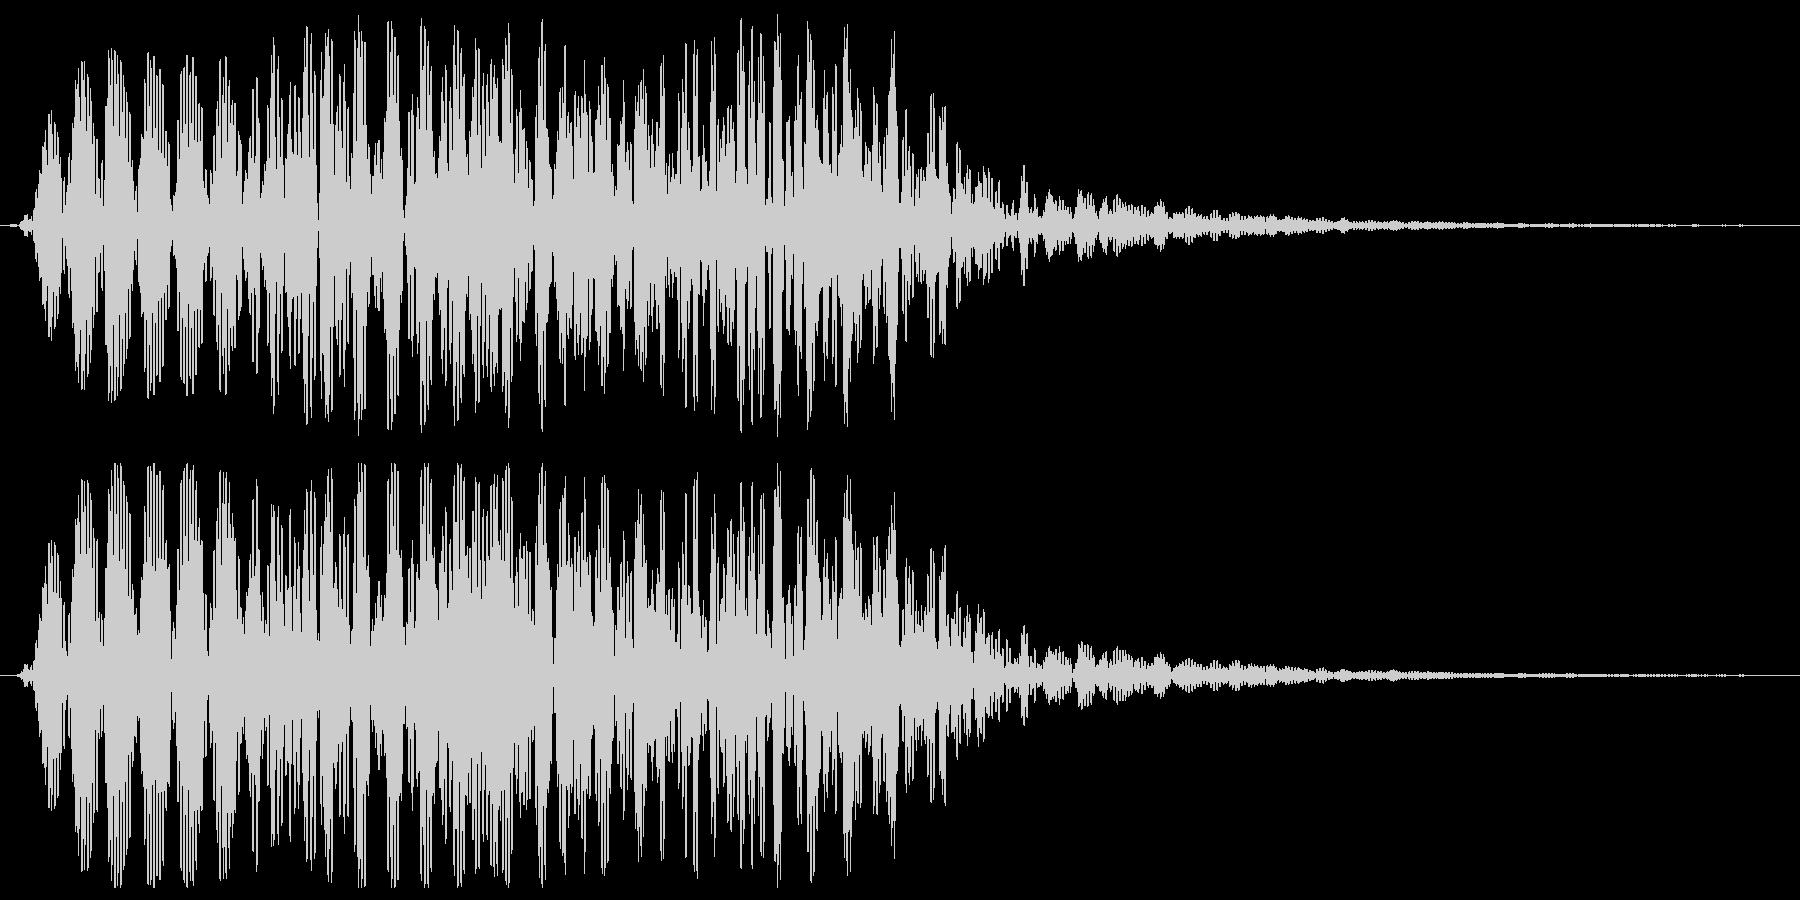 ブルルルル(低音の震える効果音)の未再生の波形